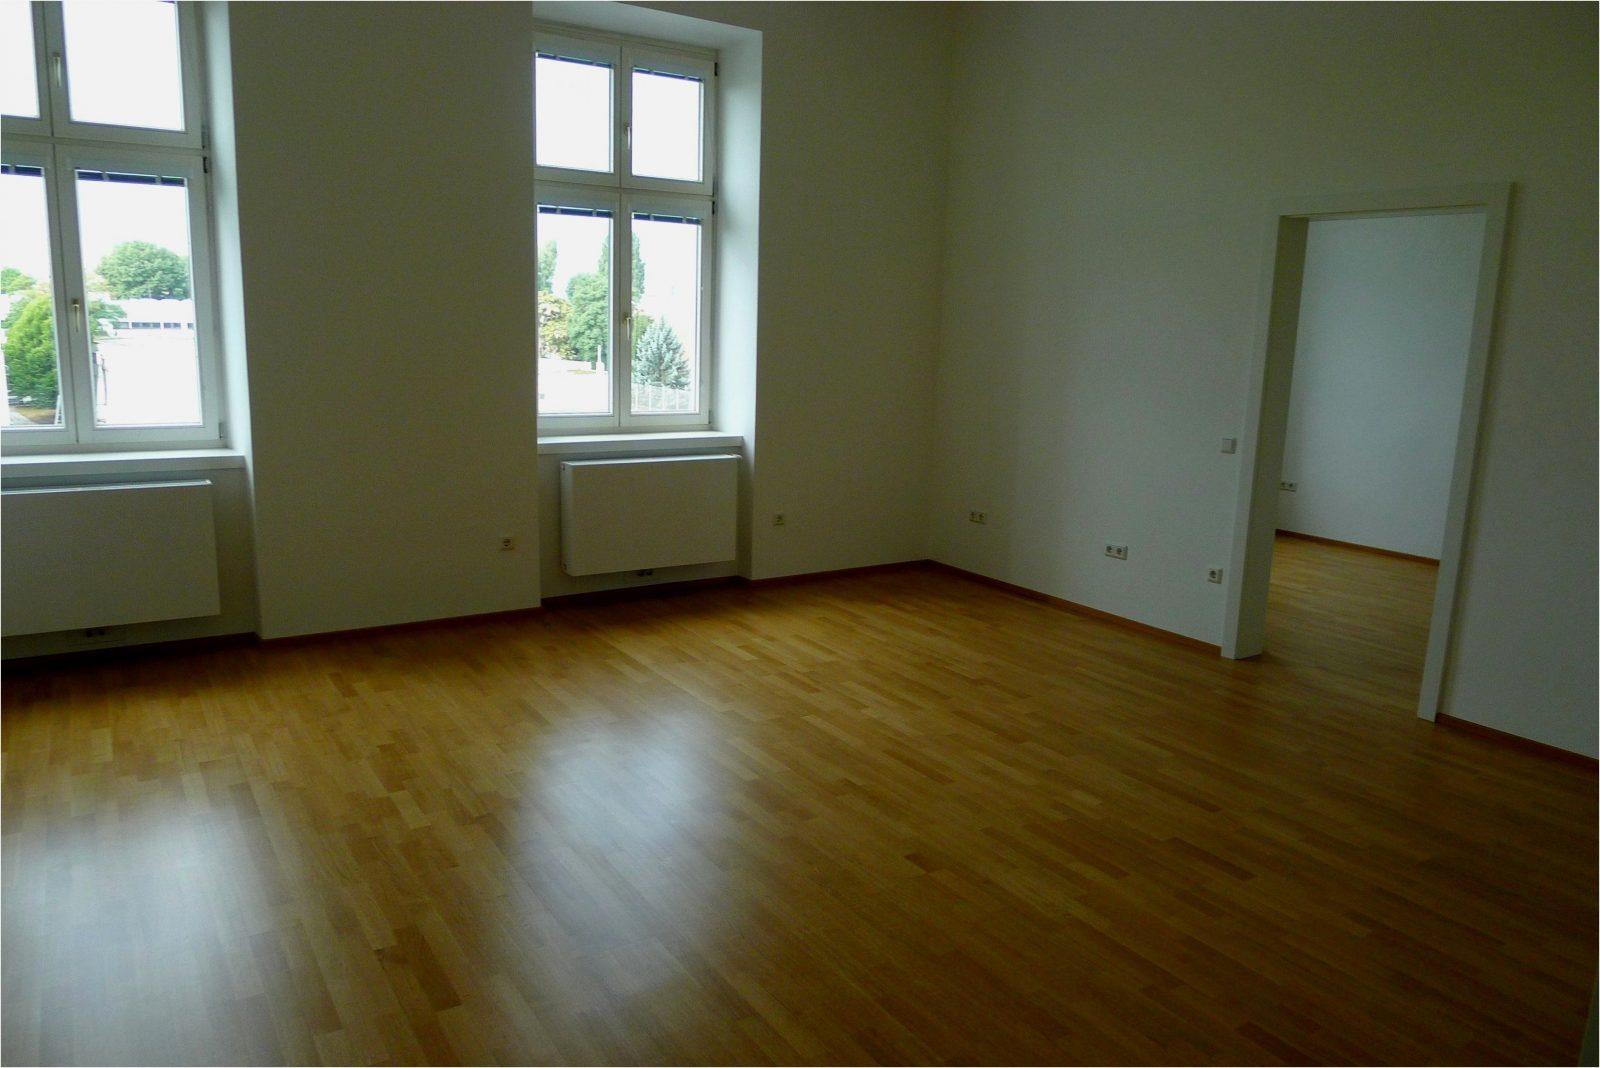 Wohnungen München Provisionsfrei Beautiful Konzepte Betreffend von Wohnung Mieten München Provisionsfrei 1 Zimmer Bild